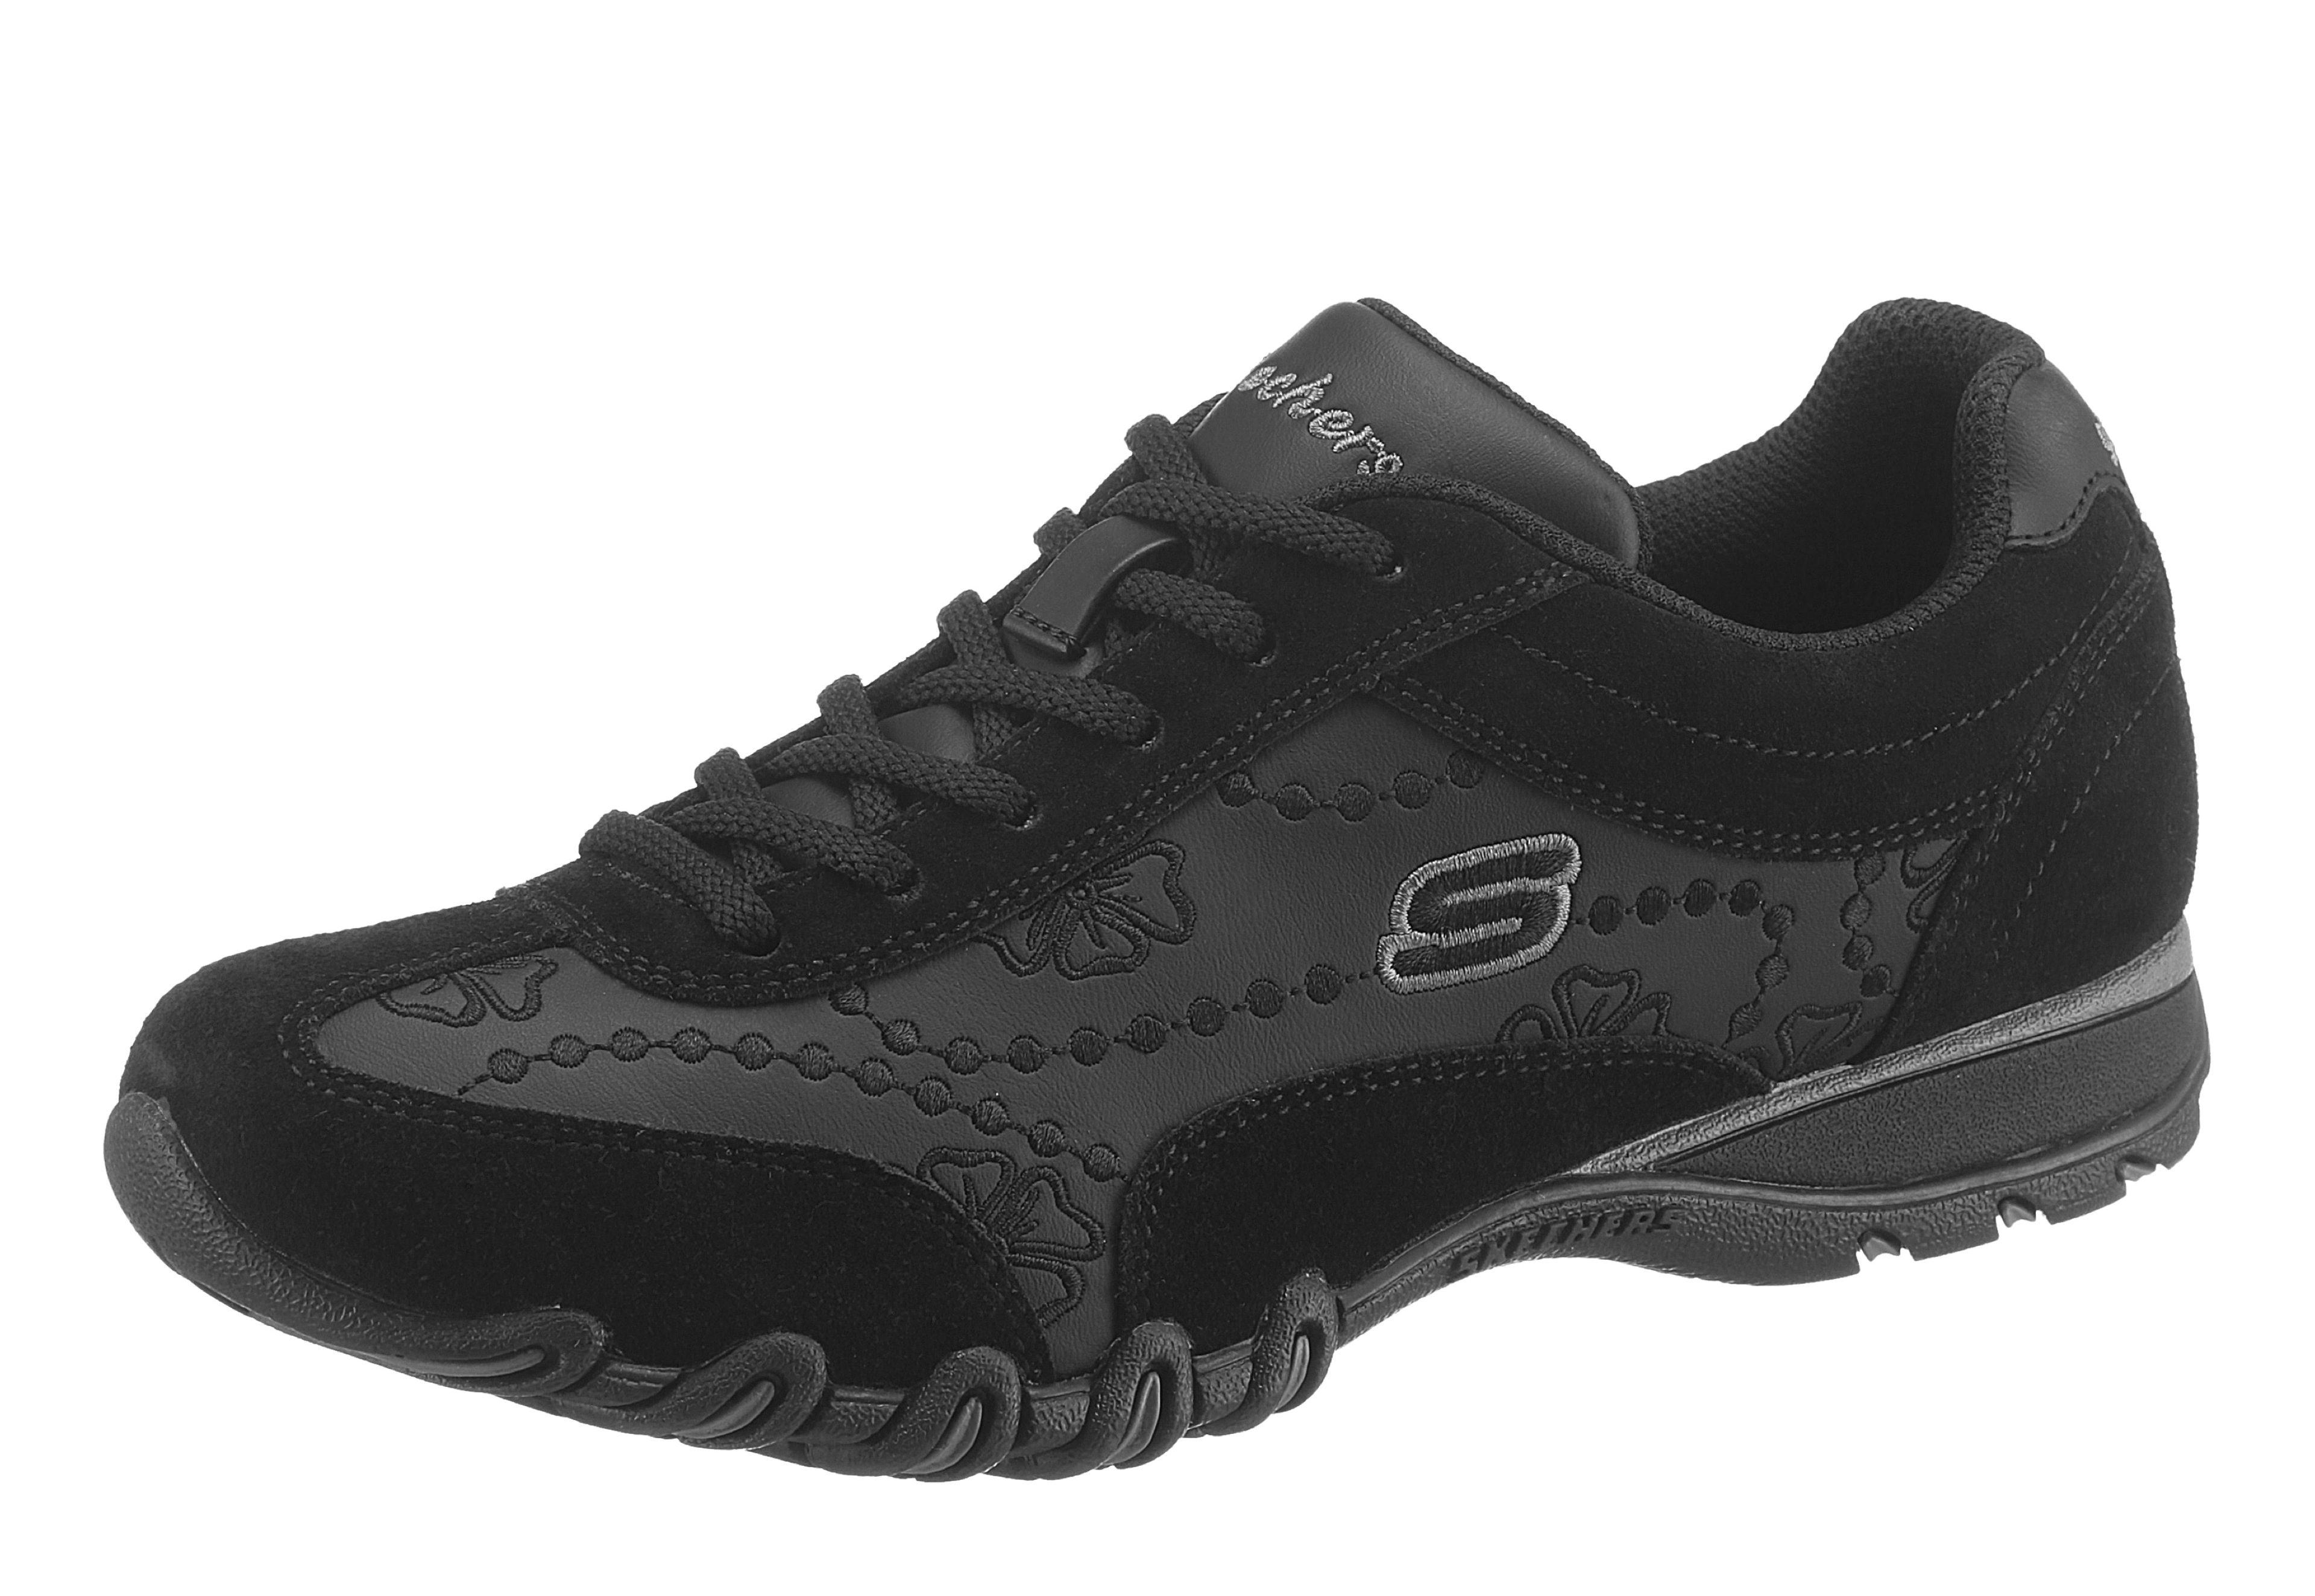 Skechers »EZ Flex 3.0 Estrella« Sneaker, in cooler Space-Optik, schwarz, 36 36